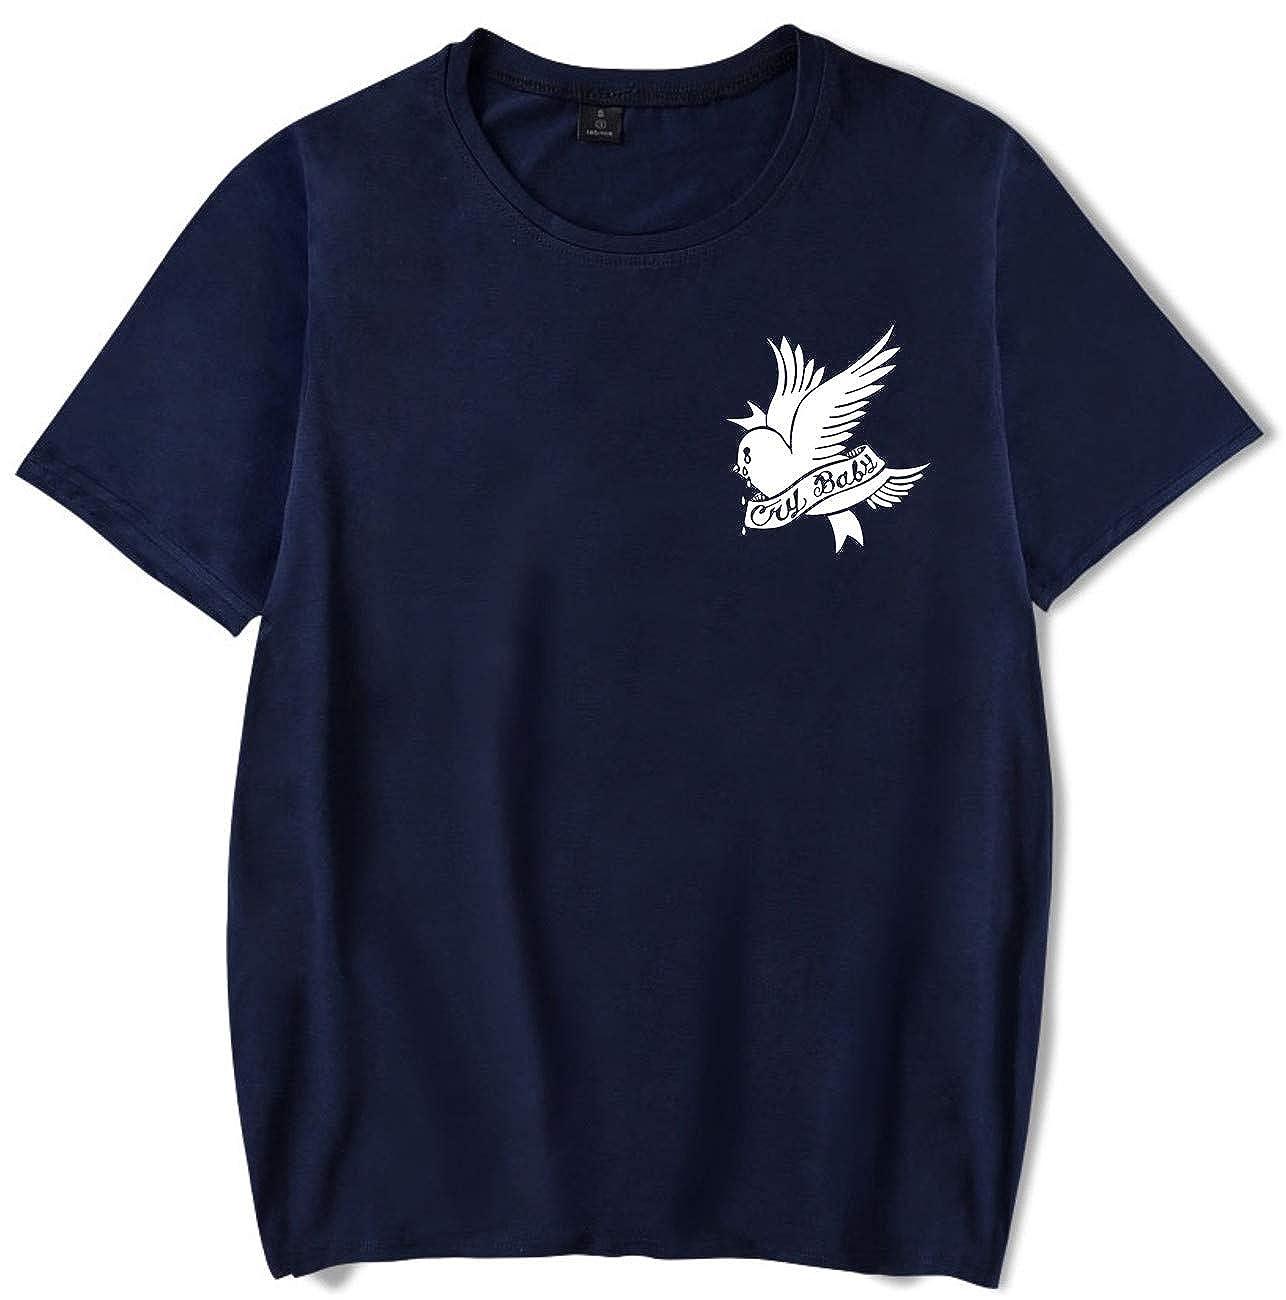 SERAPHY Camiseta Unisex R.I.P Lil Peep Cry Baby Rapper Hip Hop Spring Camiseta para Hombre Harajuku Casual Camiseta: Amazon.es: Ropa y accesorios